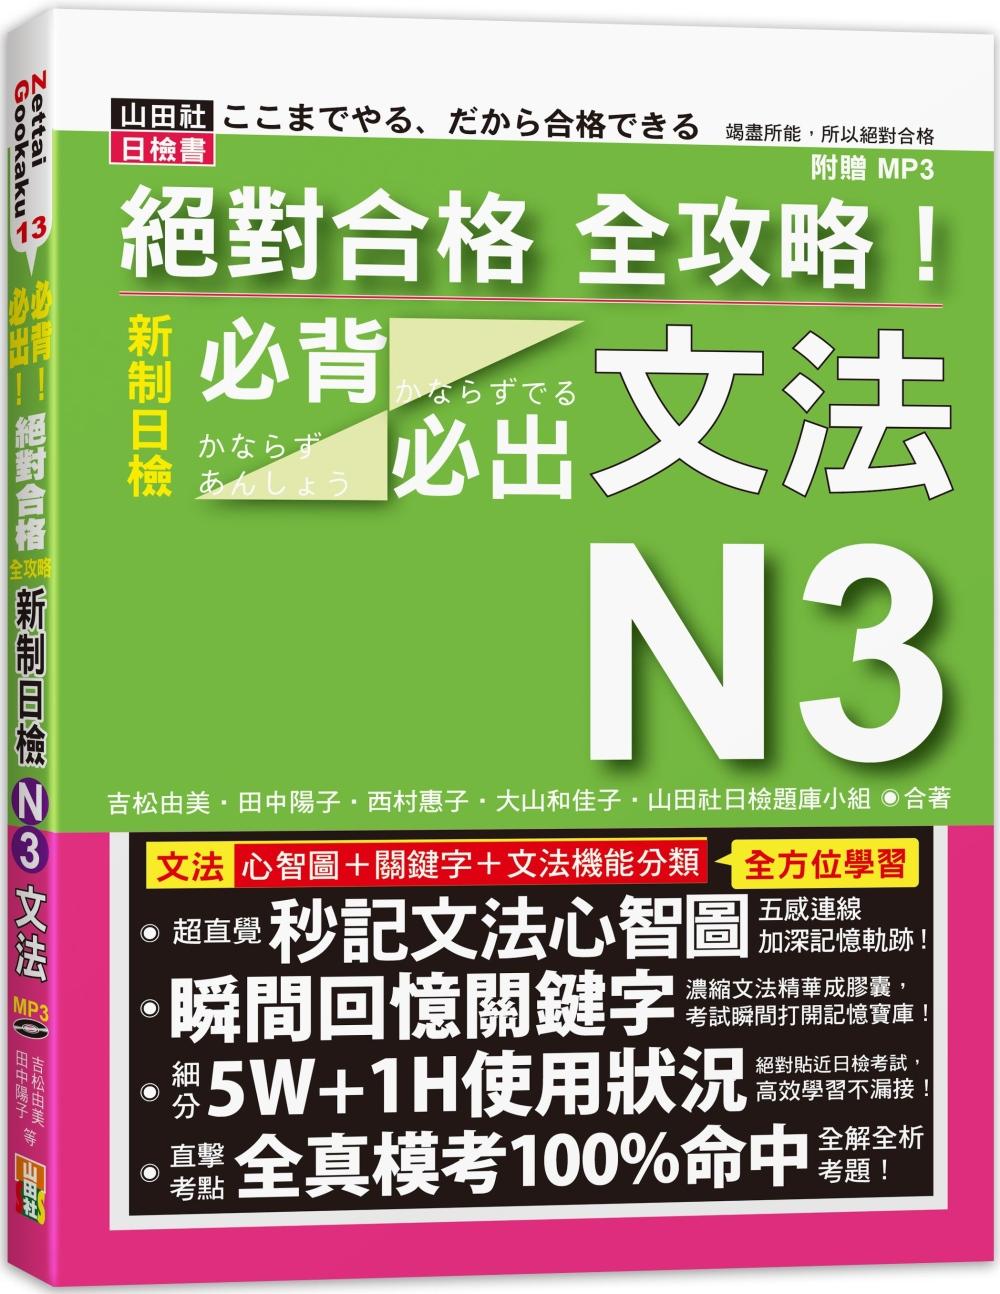 絕對合格 全攻略!新制日檢N3必背必出文法(20K+MP3)